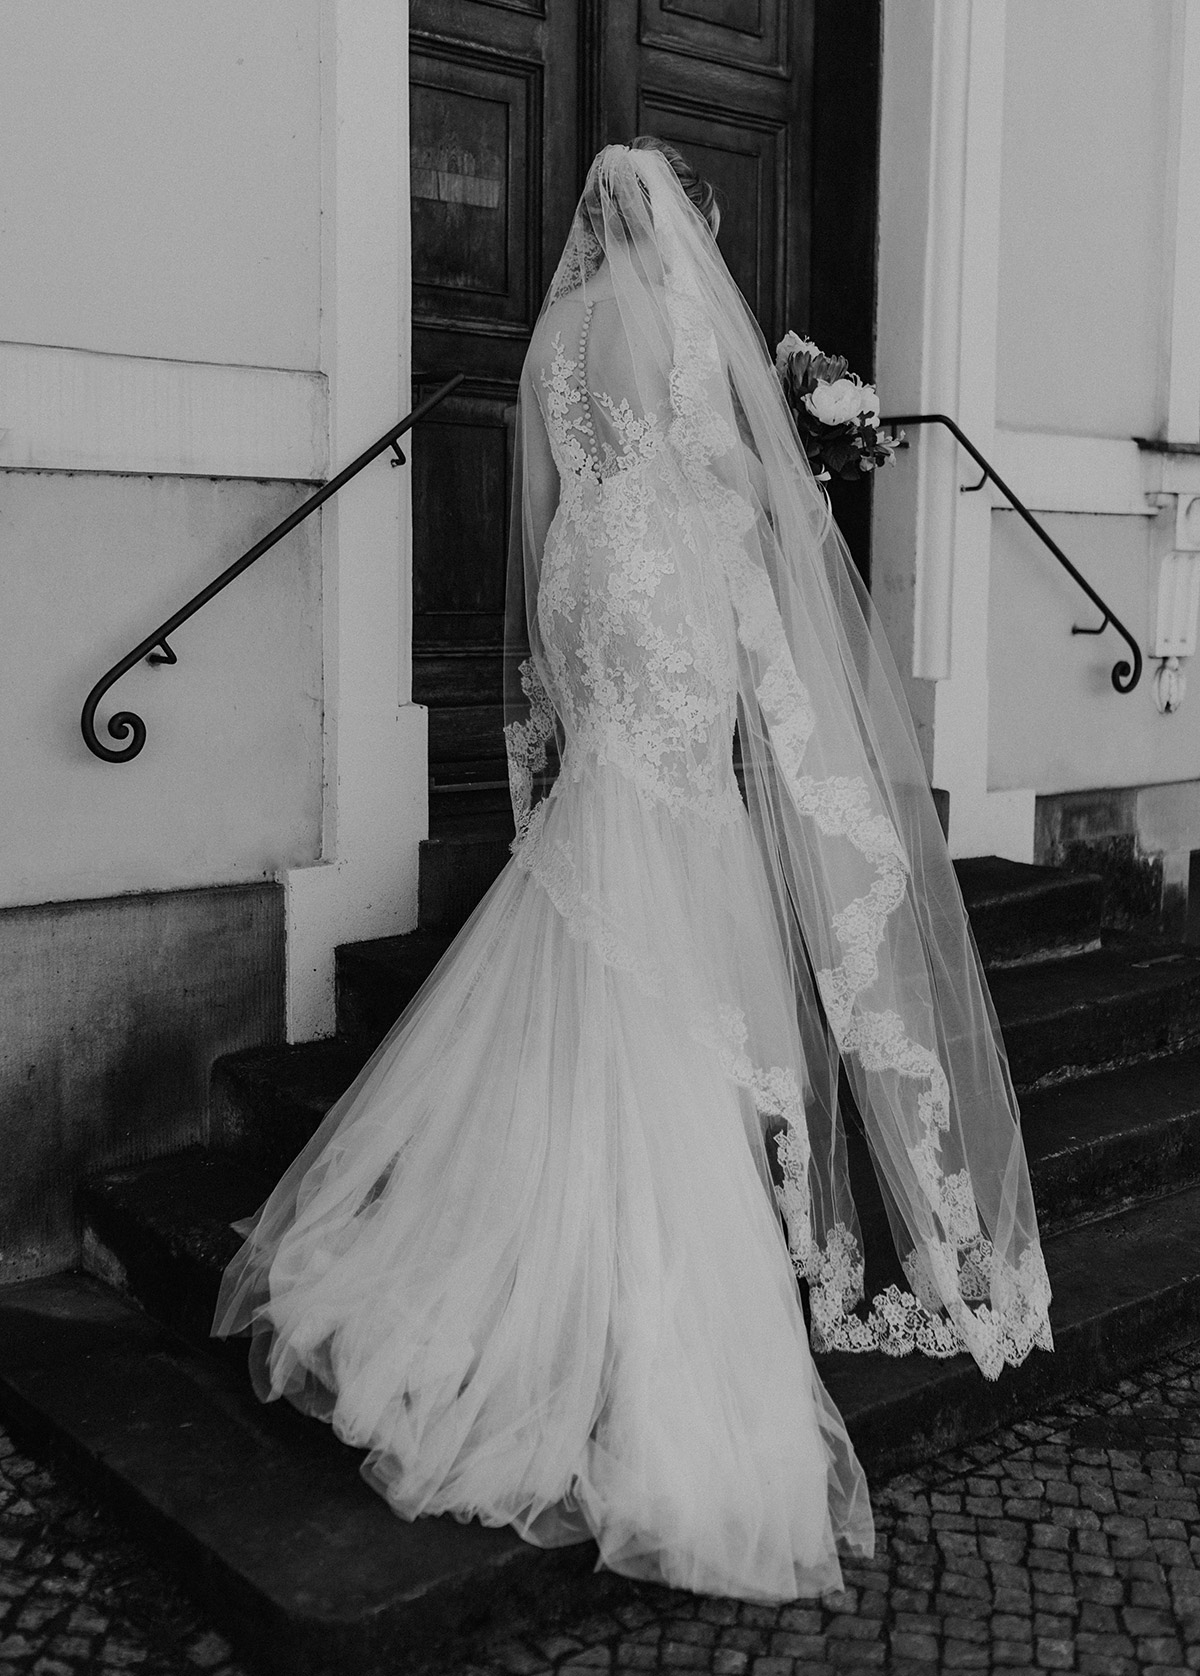 schwarz-weiß Hochzeitsfoto Braut in Pronovias Brautkleid mit langer Schleppe und langem Spitzenschleier - Schloss Glienicke Hochzeitsfotograf Potsdam © www.hochzeitslicht.de